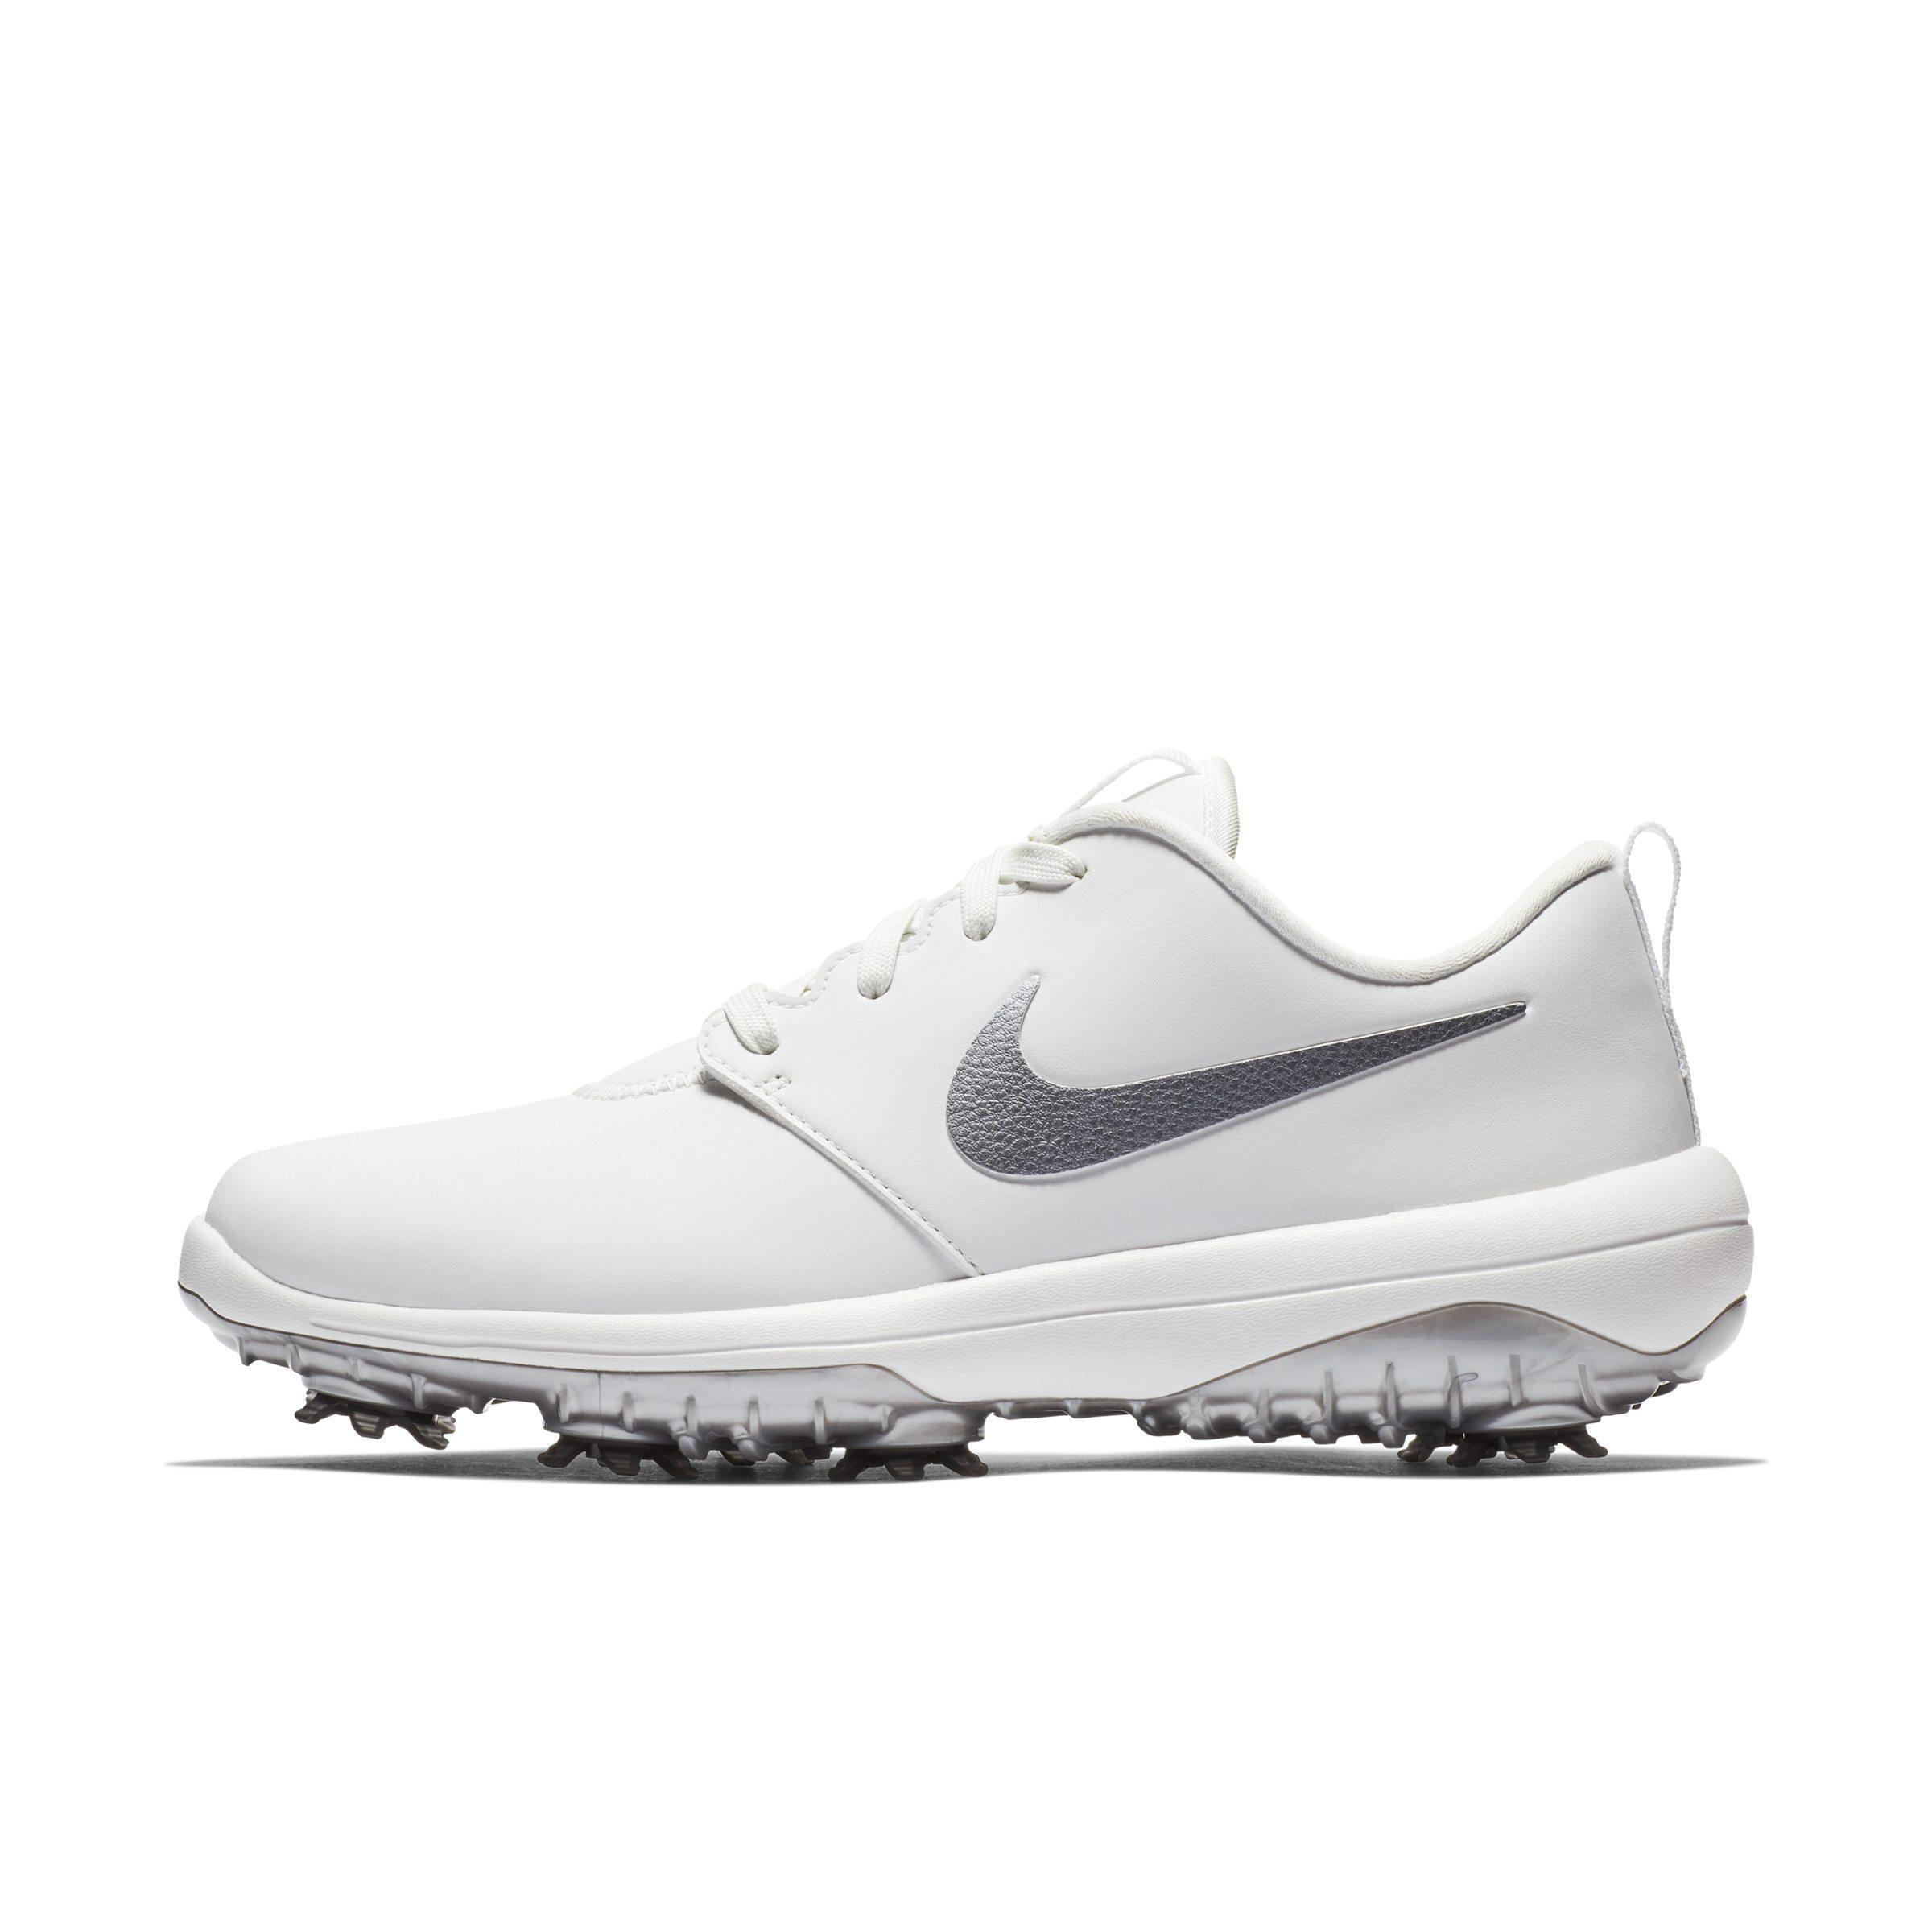 timeless design 1fae3 e8e0d Nike. Womens White Roshe G ...